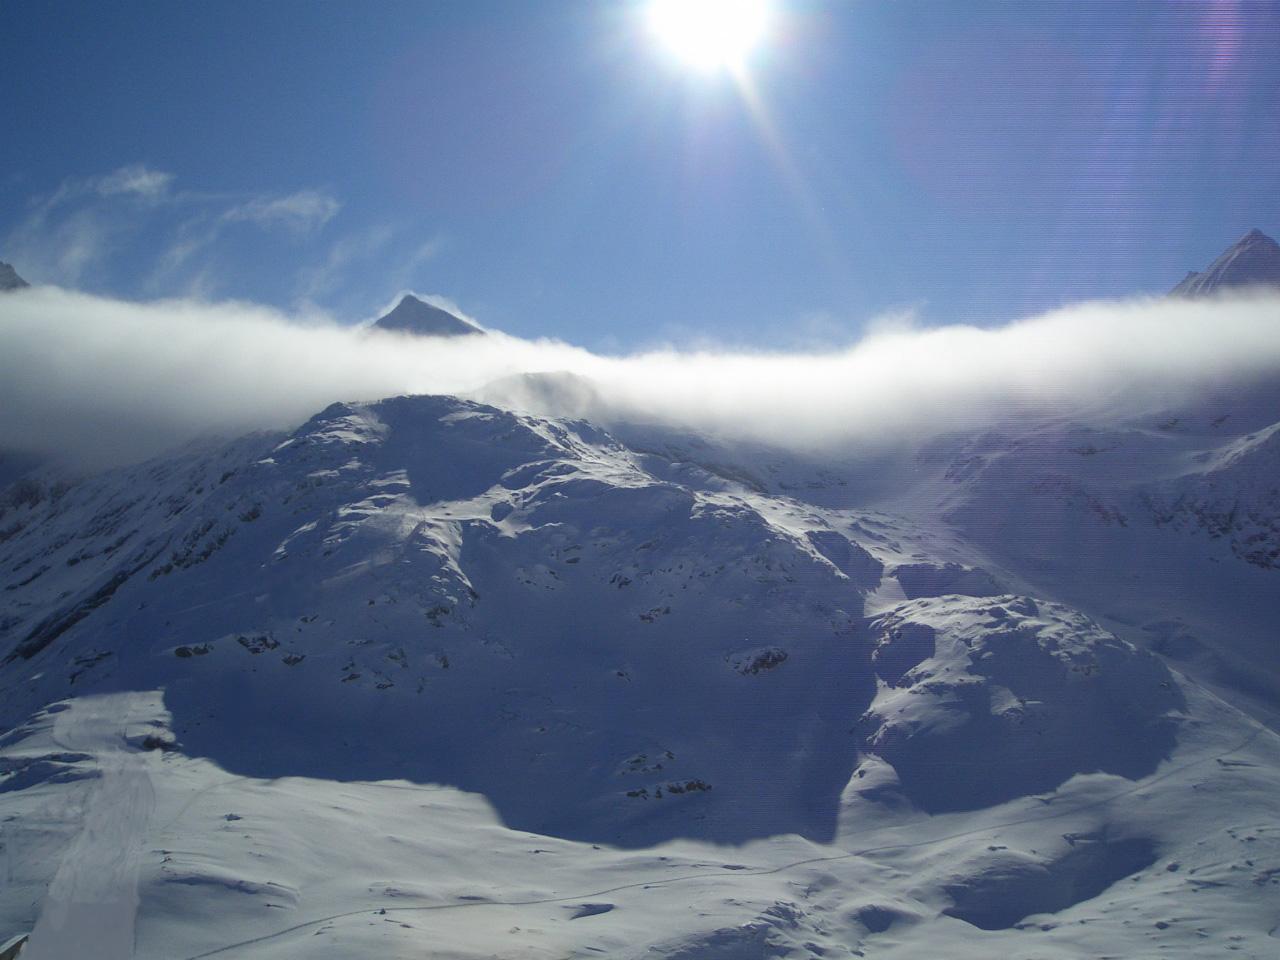 Gipfel im Nebel